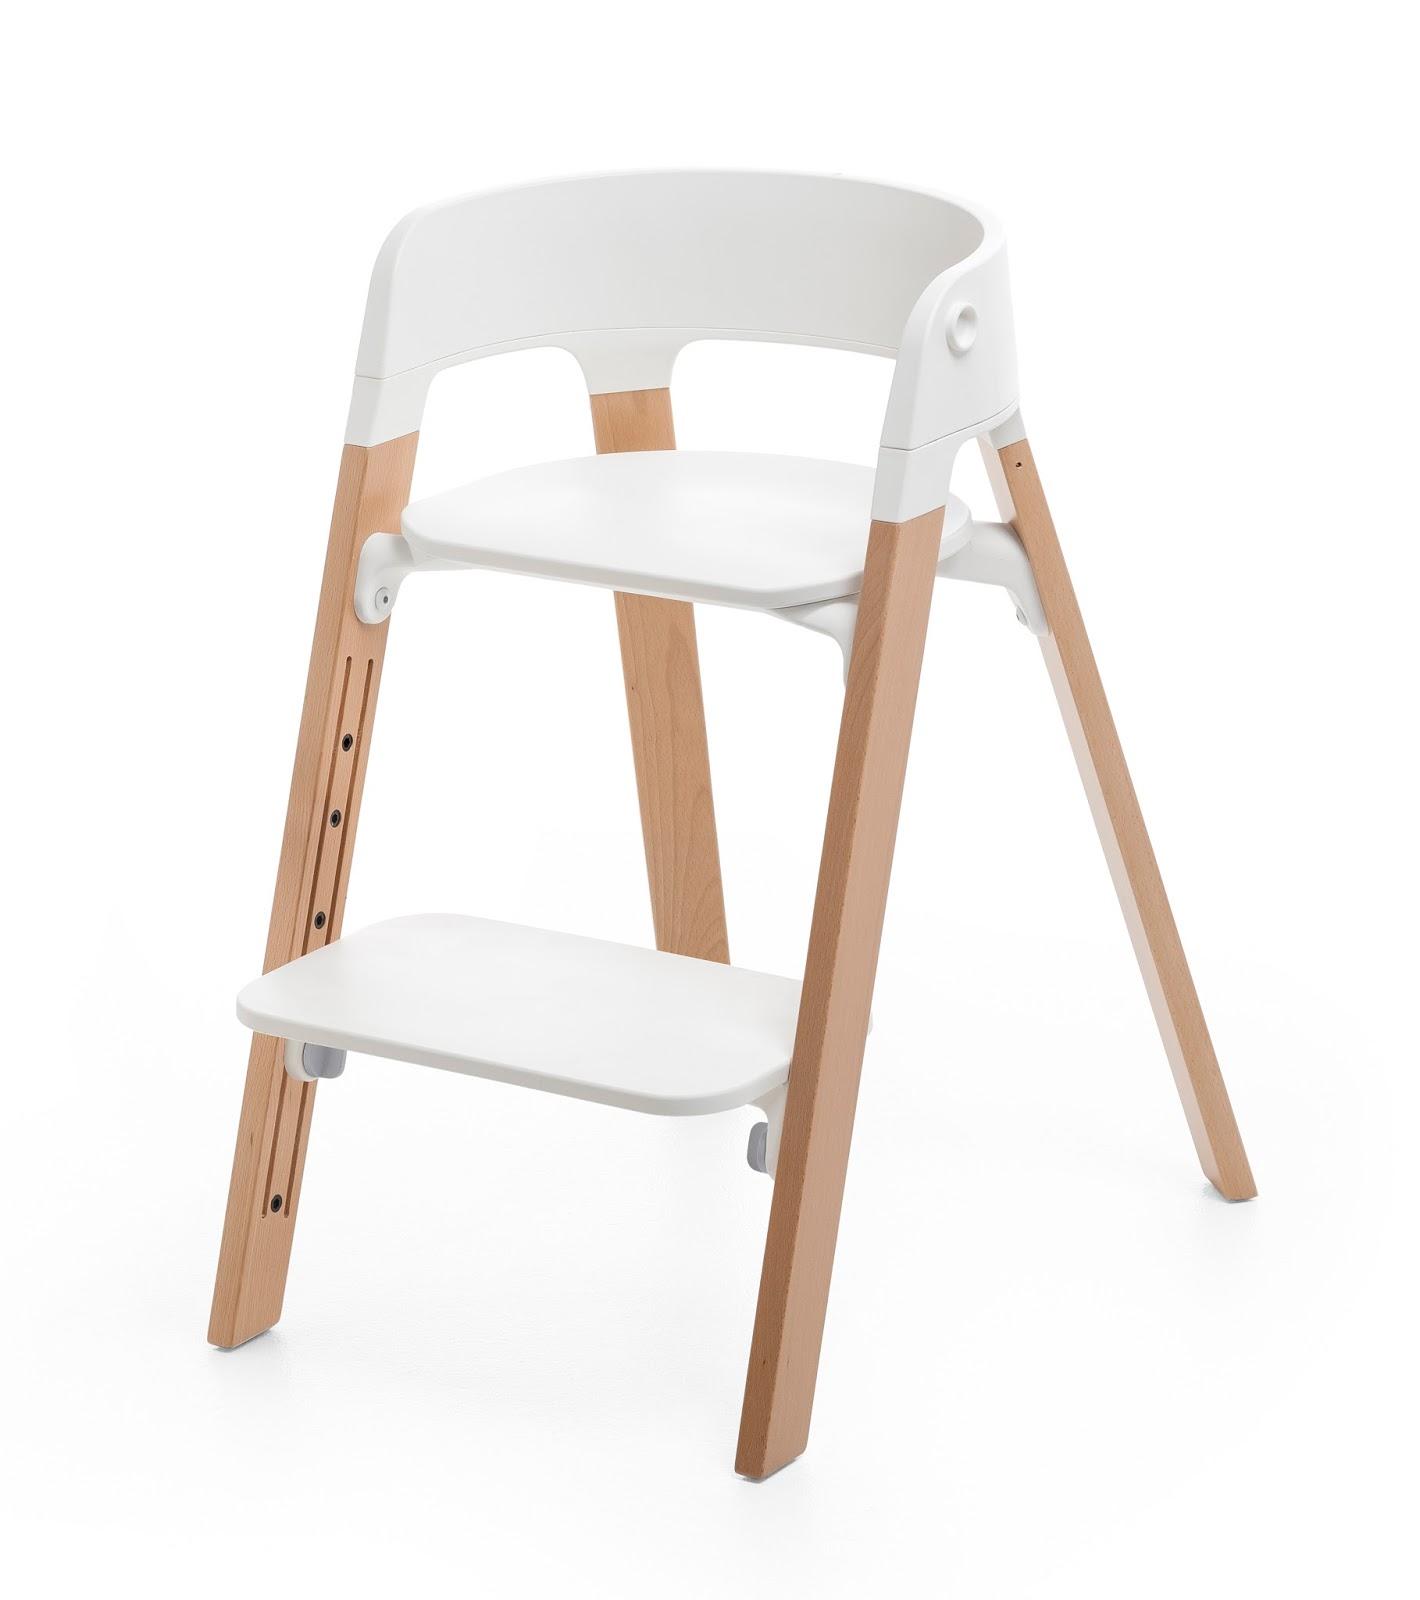 Kinderstoel Voor Peuters.Van Wipstoel Tot Kinderstoel Getest Op Kinderen